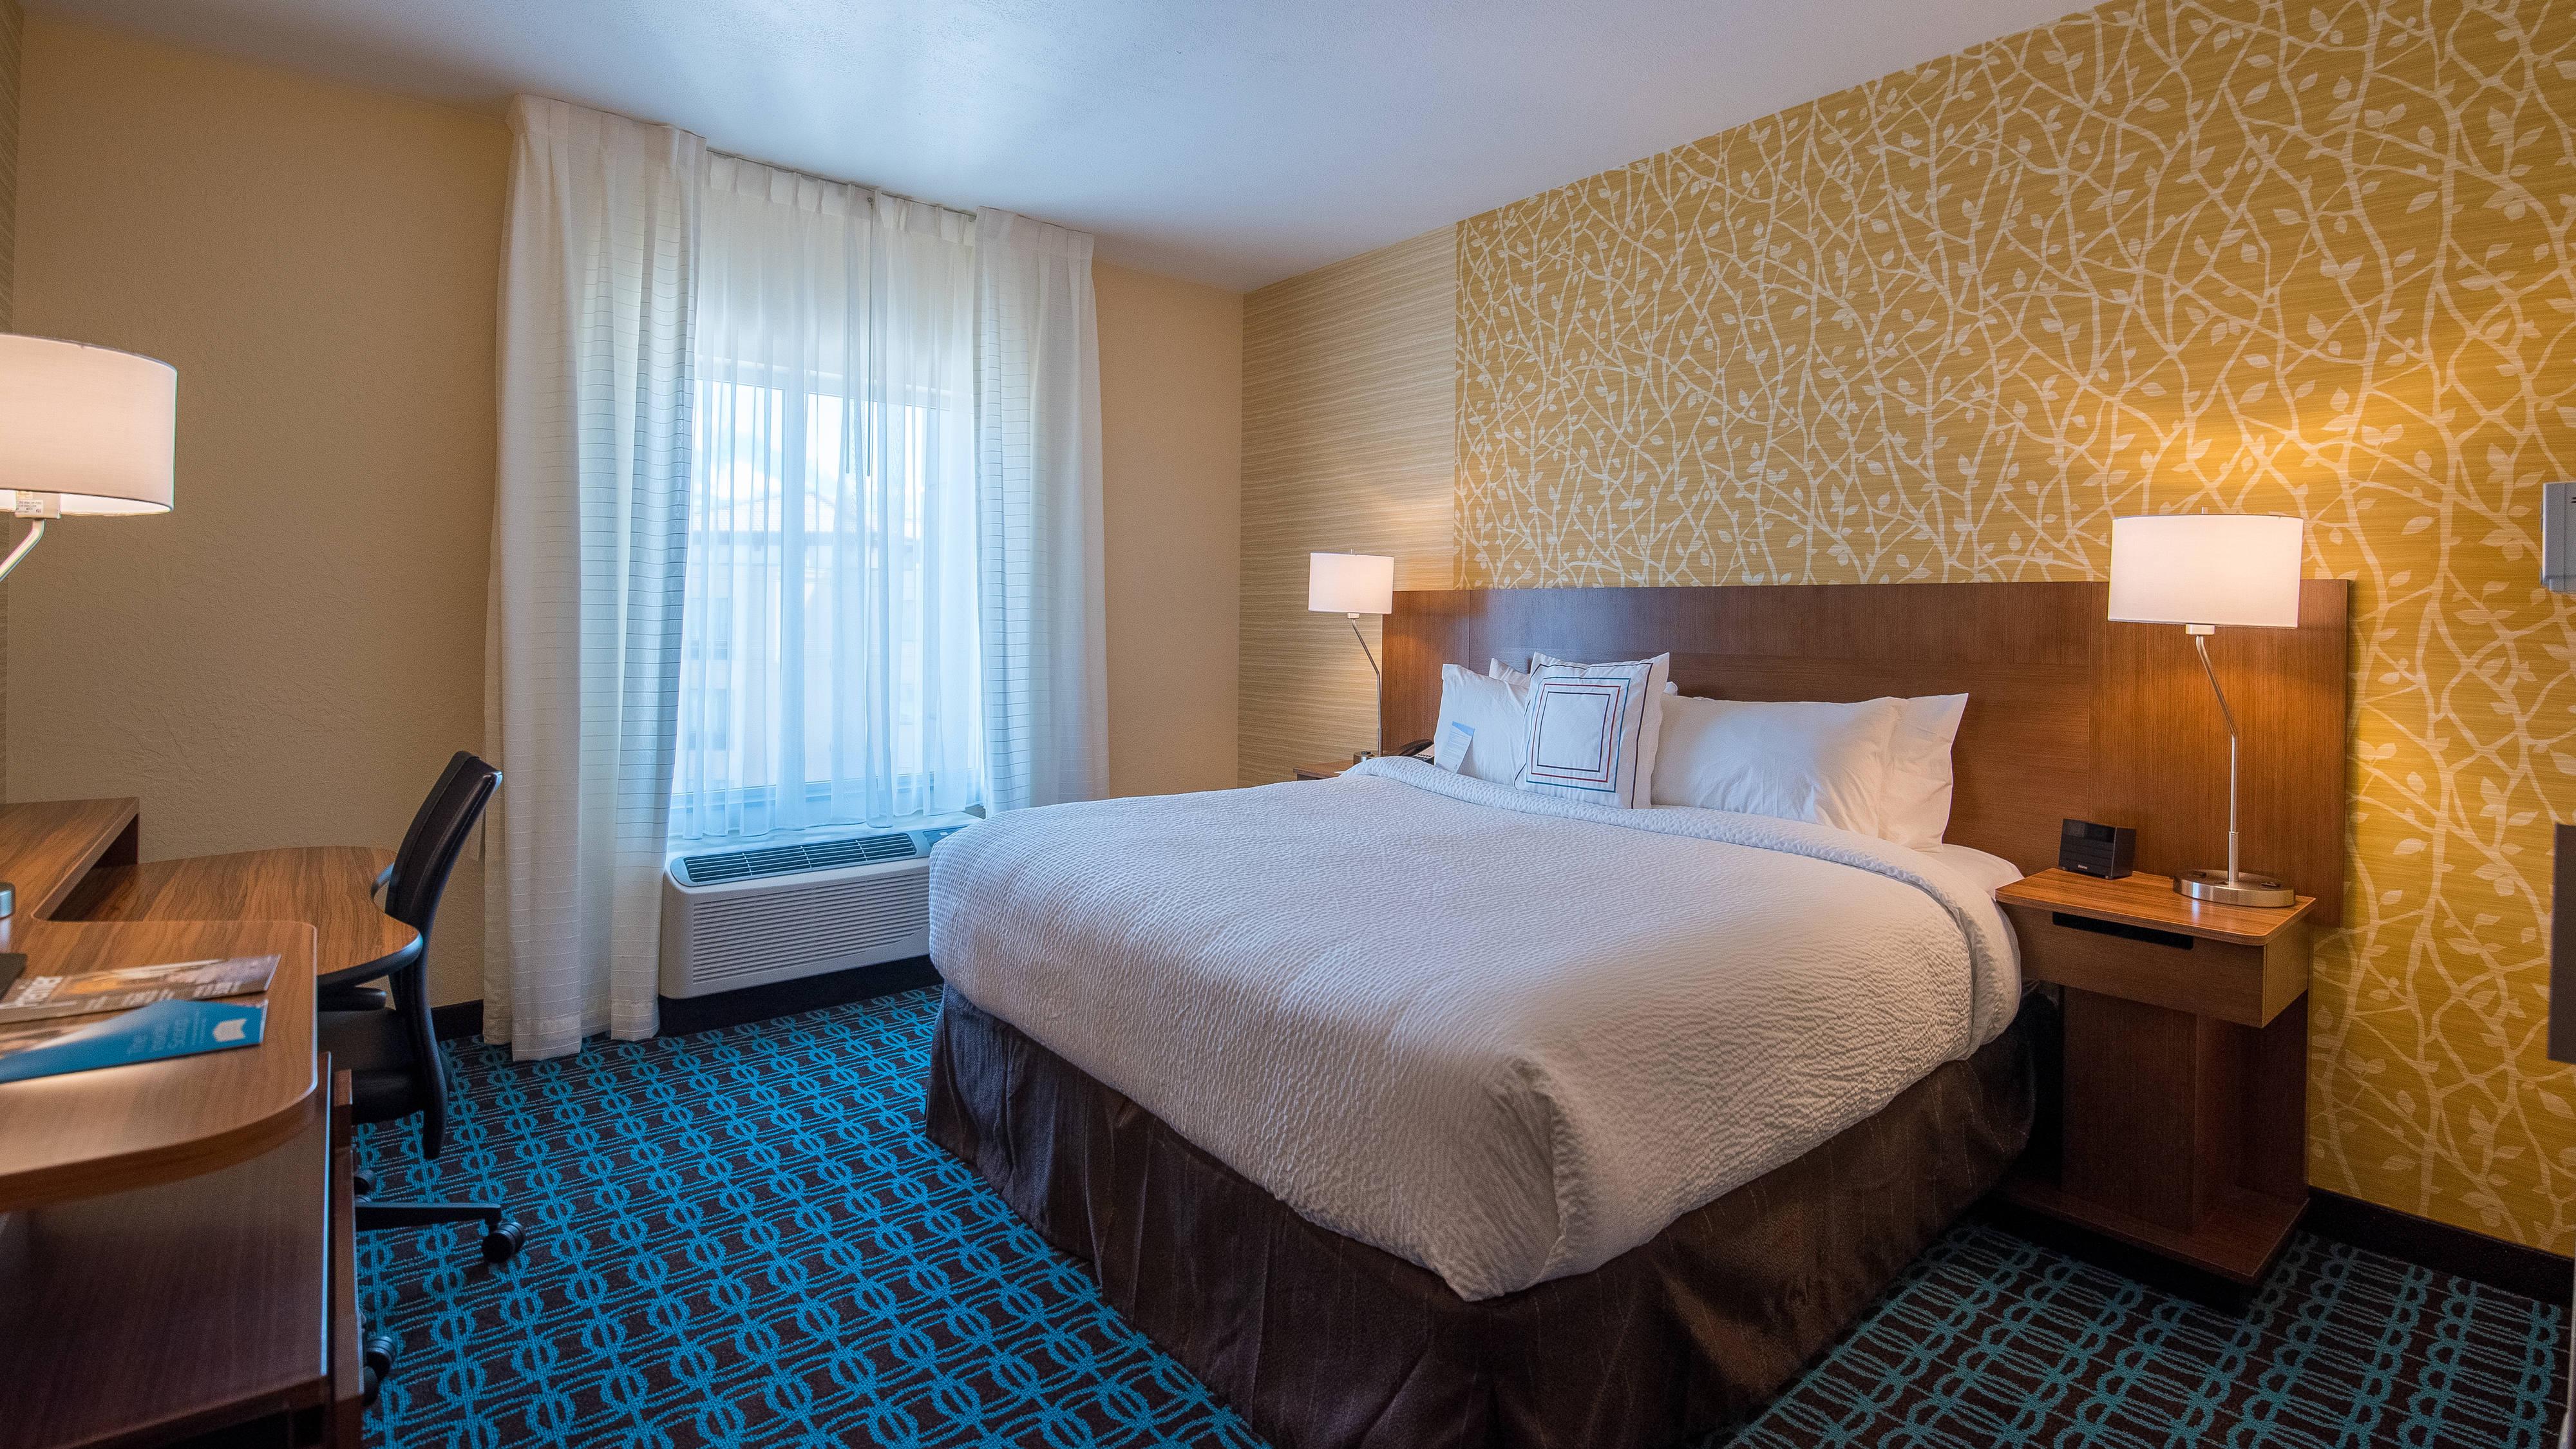 Habitaciones de hotel en Orem, Utah